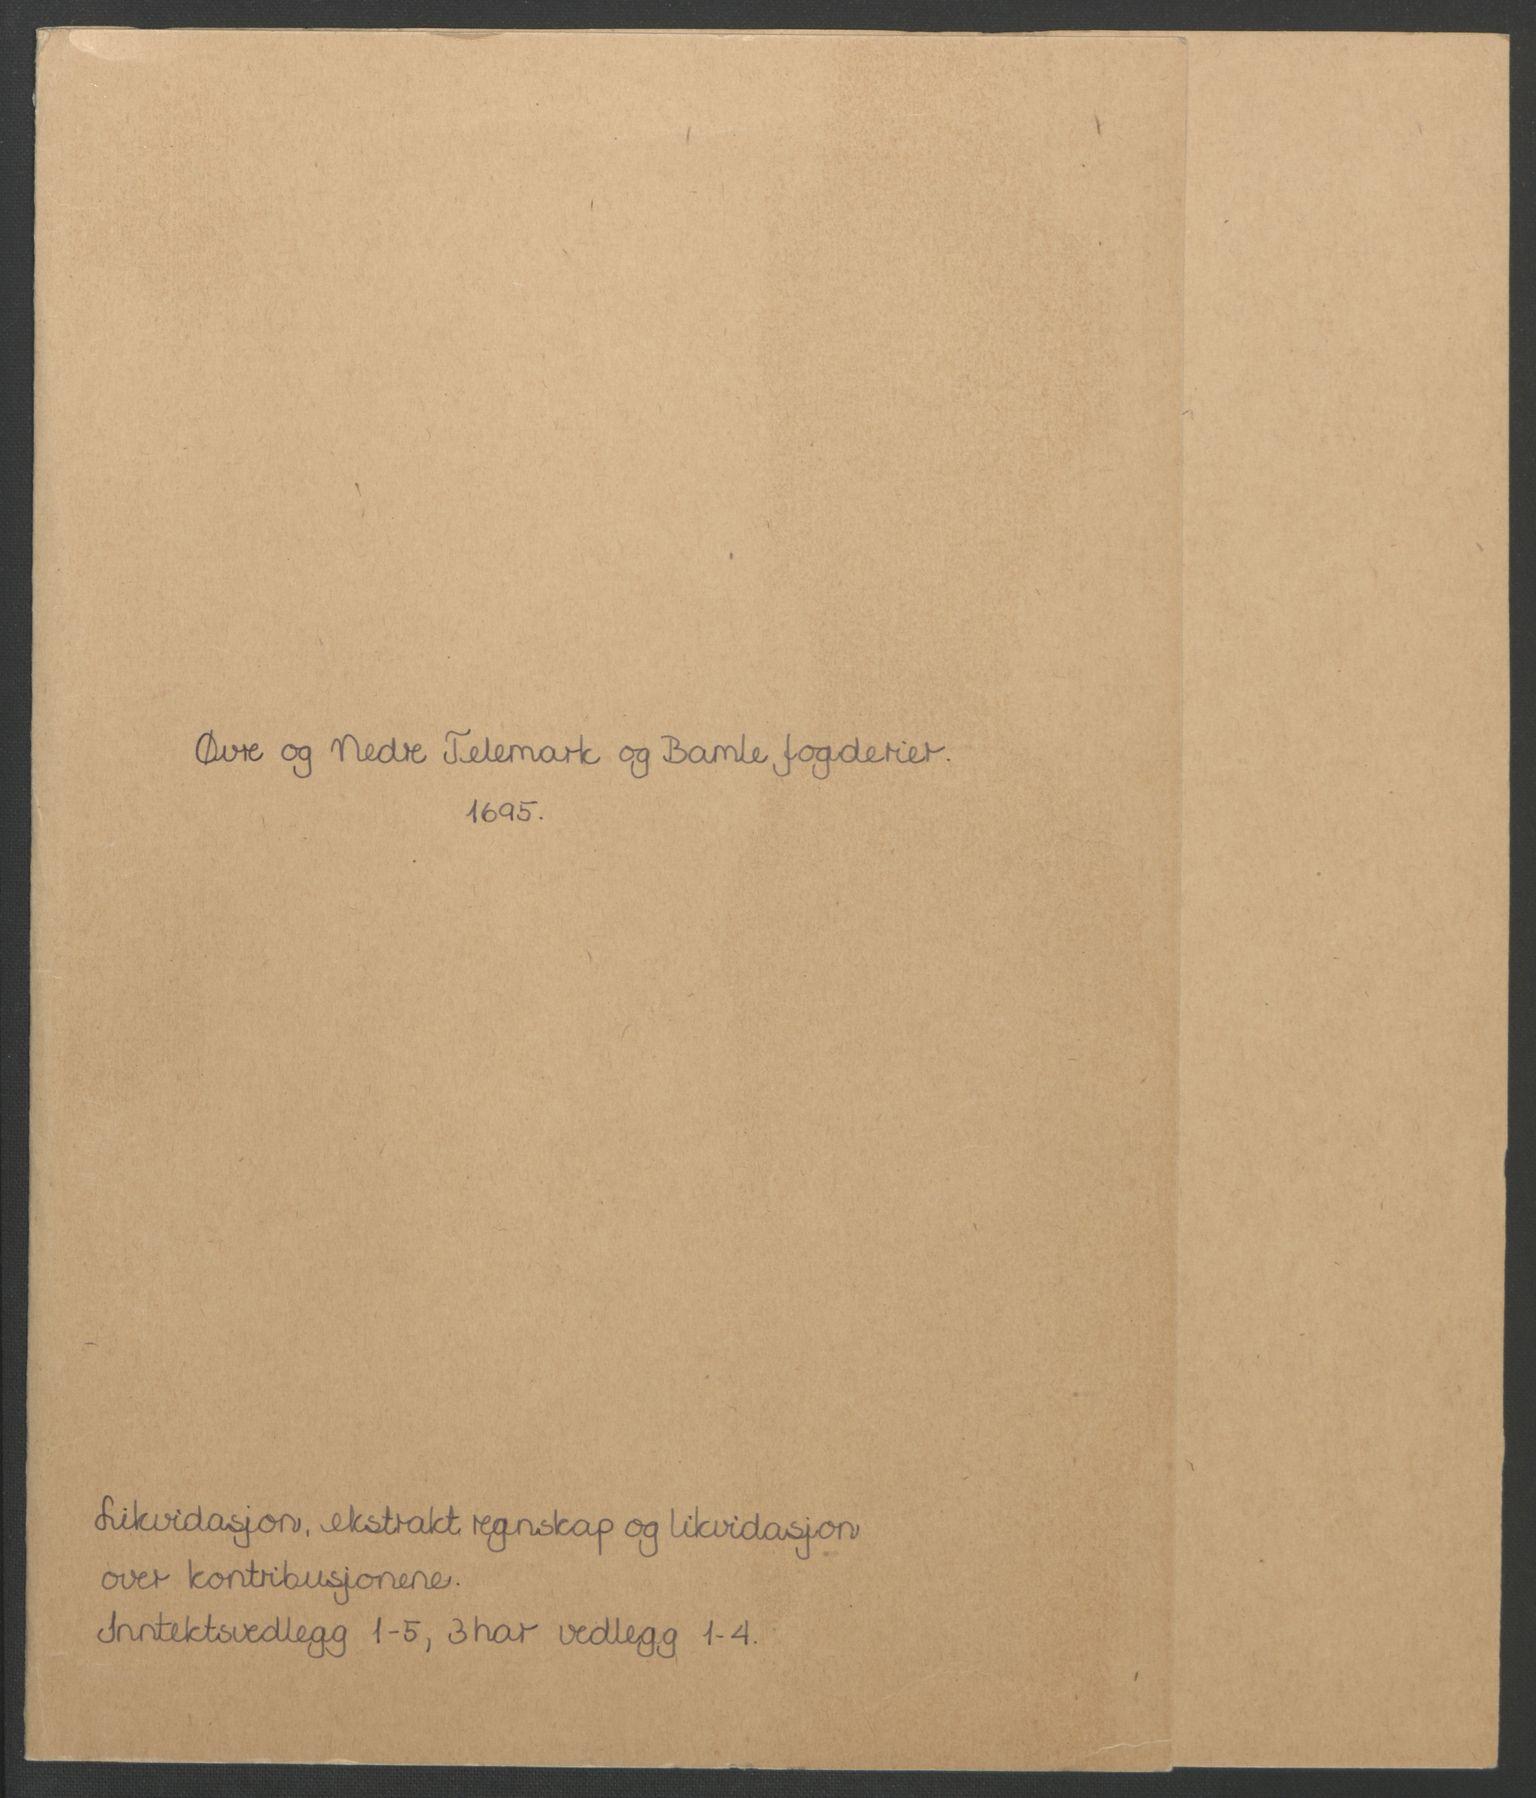 RA, Rentekammeret inntil 1814, Reviderte regnskaper, Fogderegnskap, R36/L2093: Fogderegnskap Øvre og Nedre Telemark og Bamble, 1695, s. 3